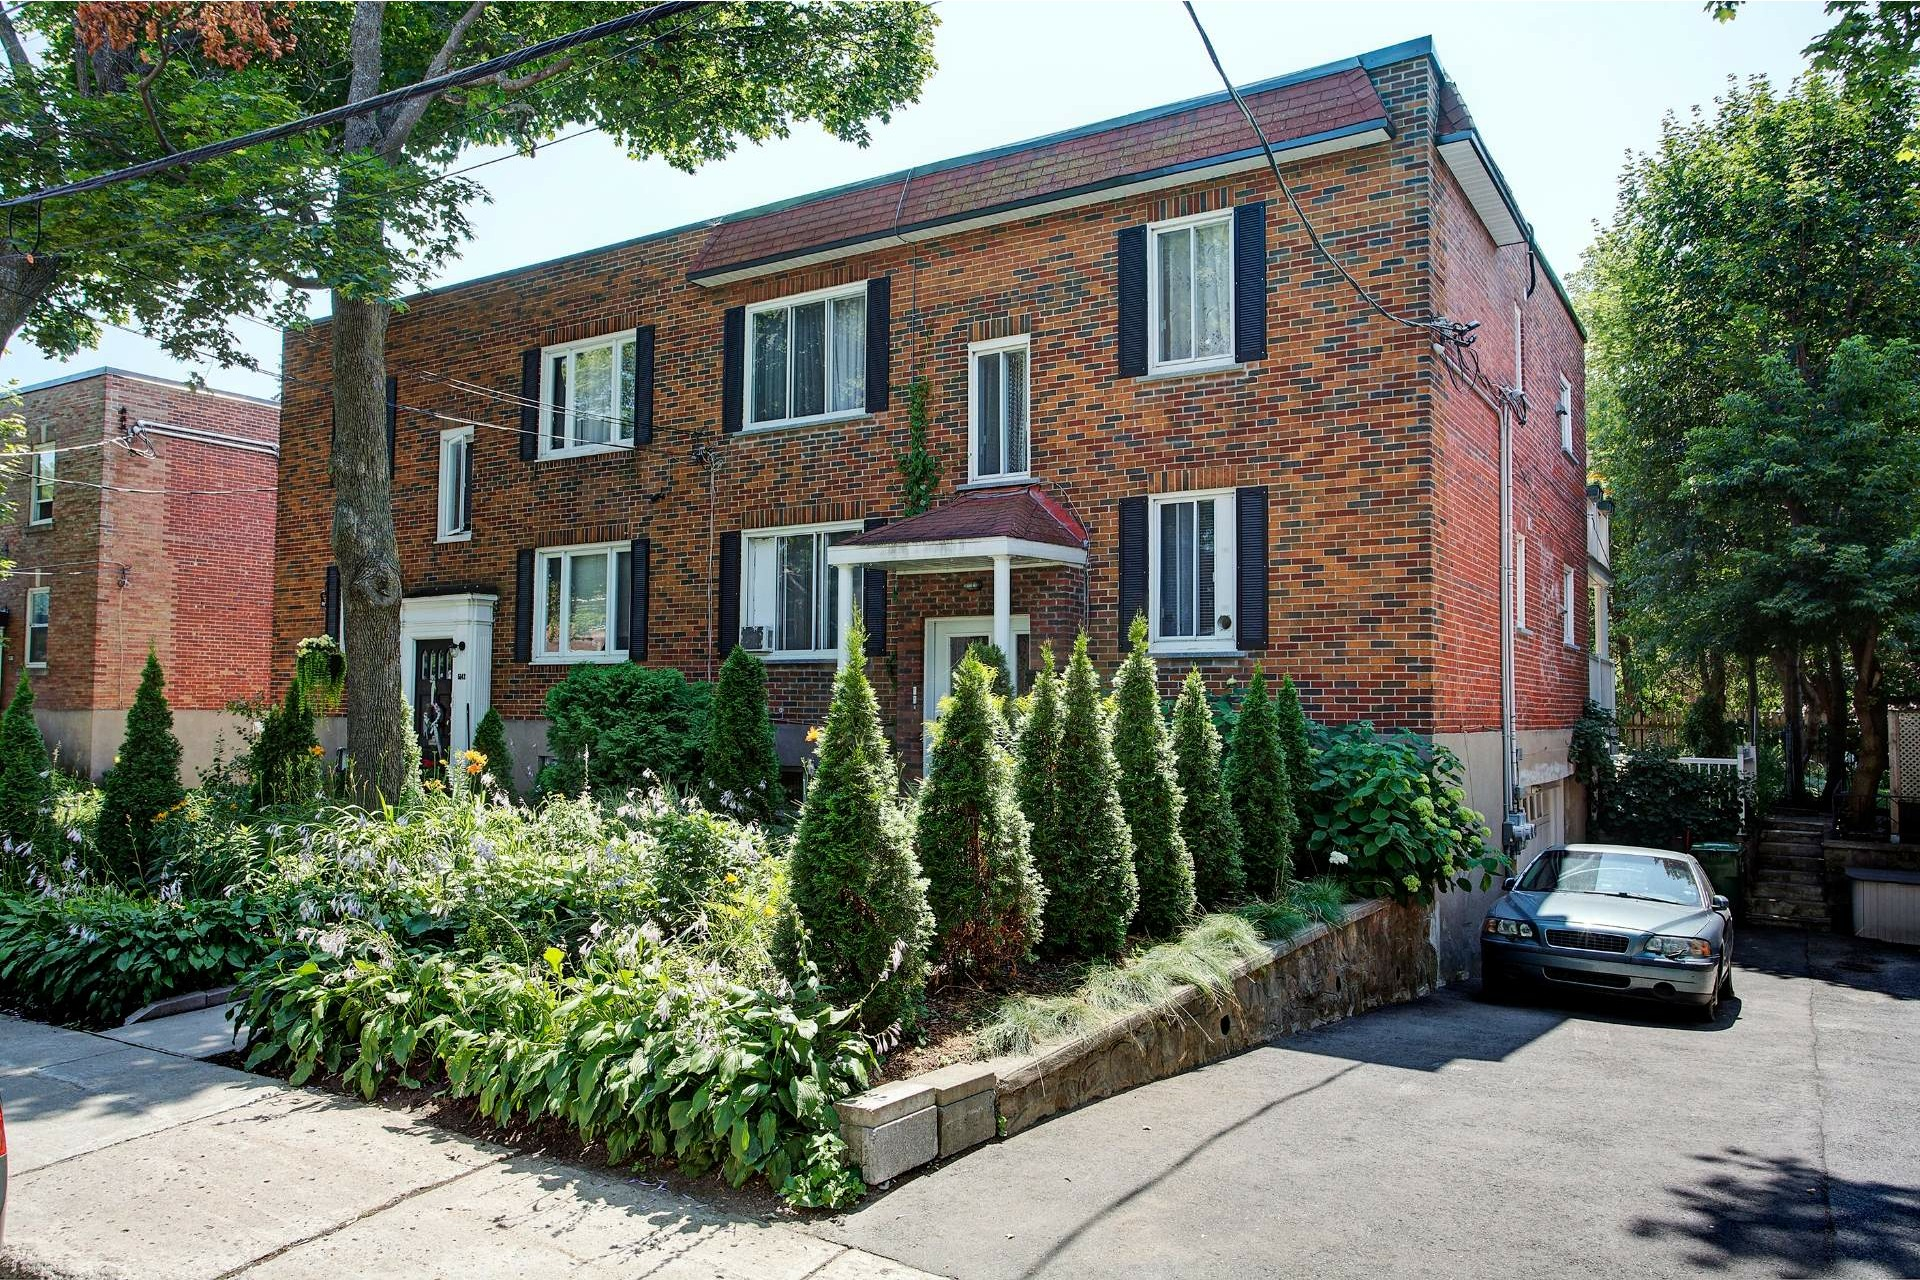 image 16 - Duplex En venta Montréal Côte-des-Neiges/Notre-Dame-de-Grâce  - 5 habitaciones